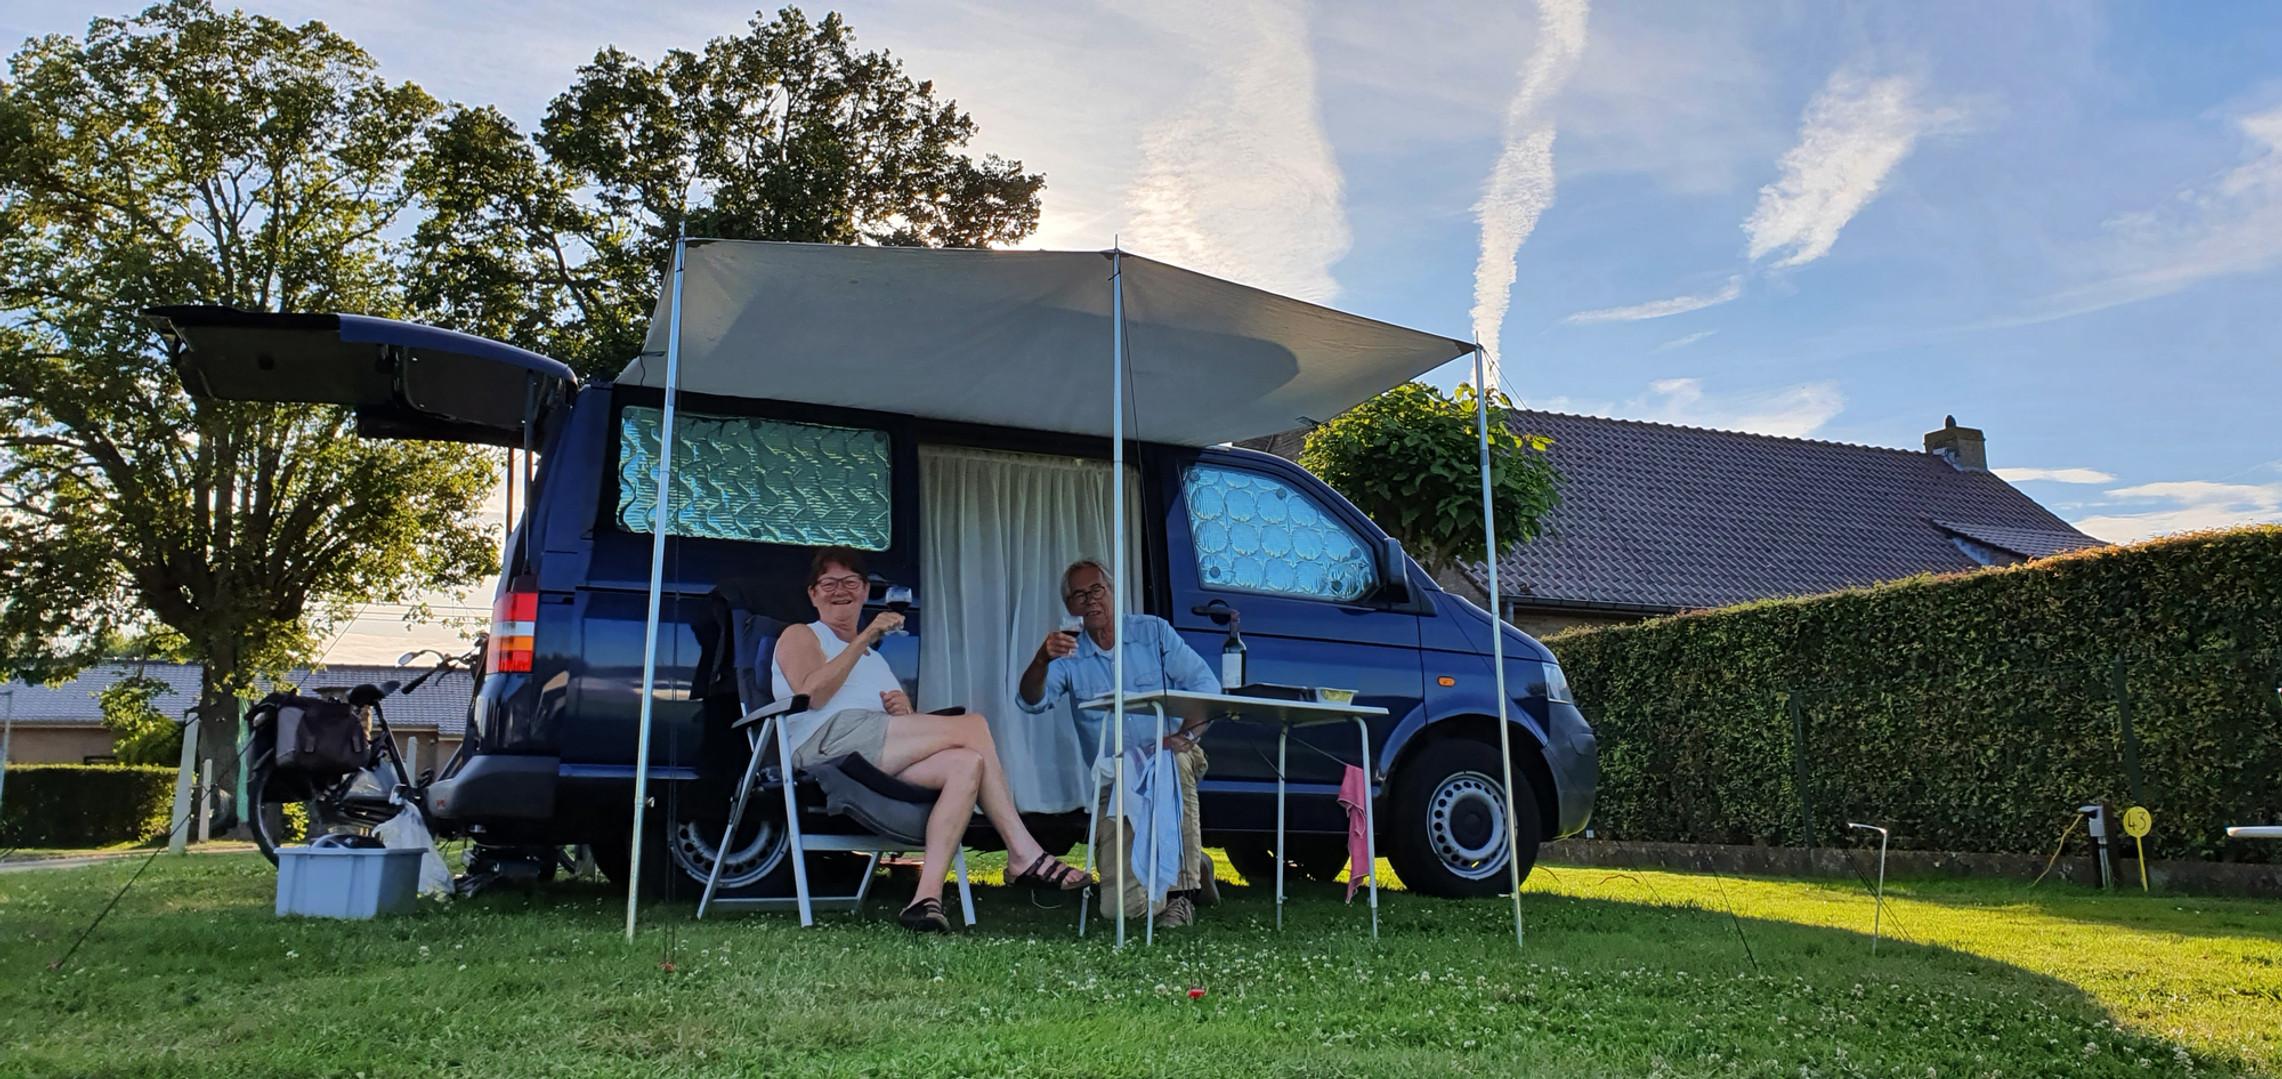 Hoeve-Maedelstede-camping-natuur-dieren-